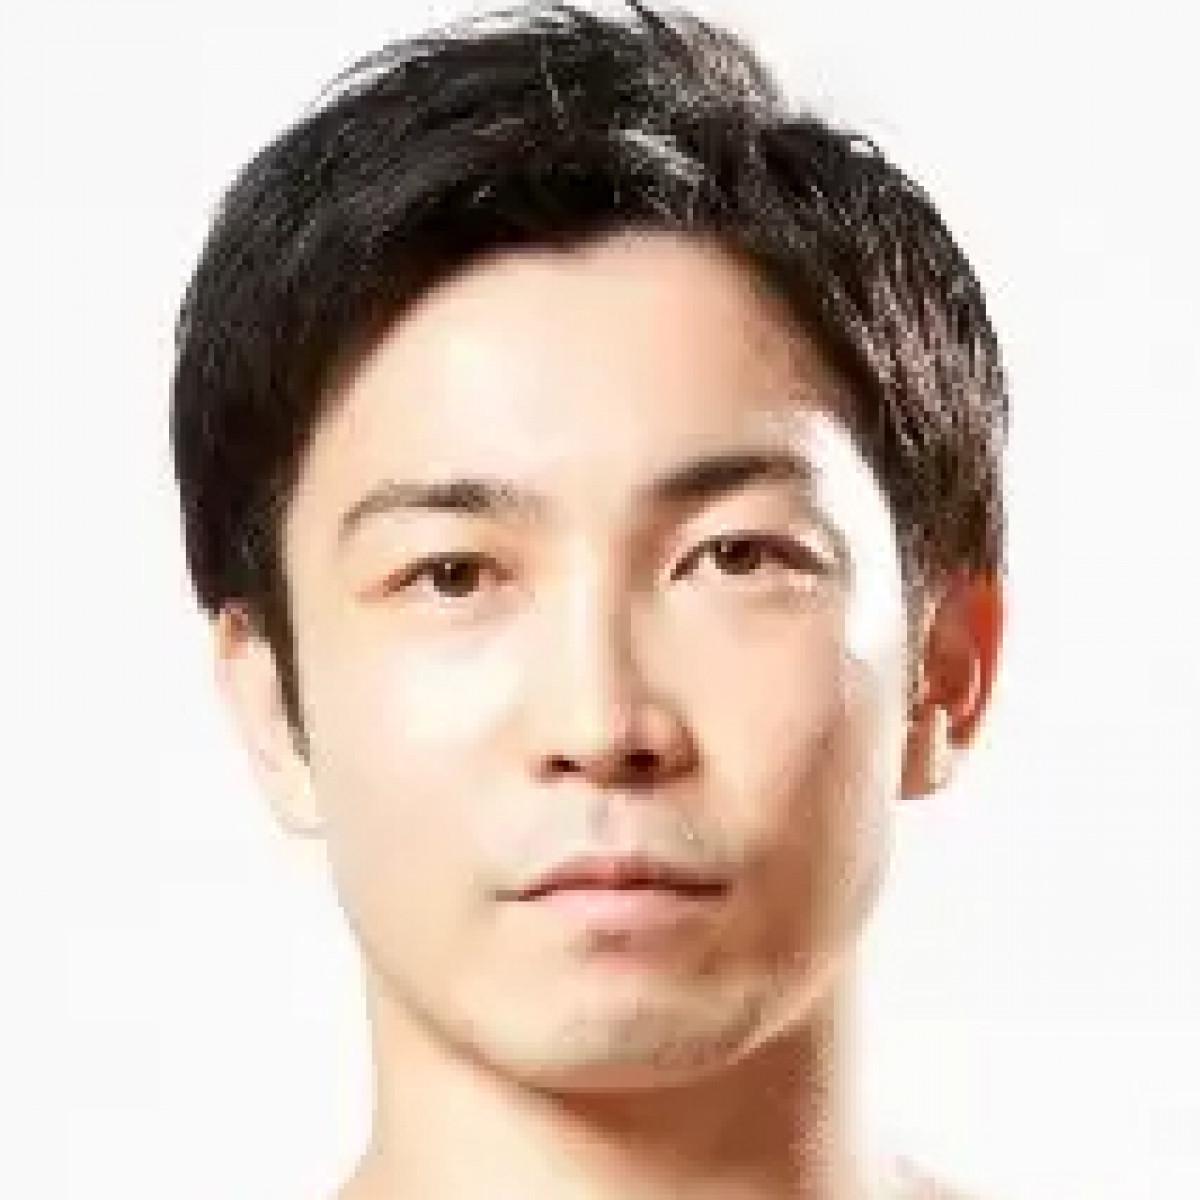 Ryo Narumi